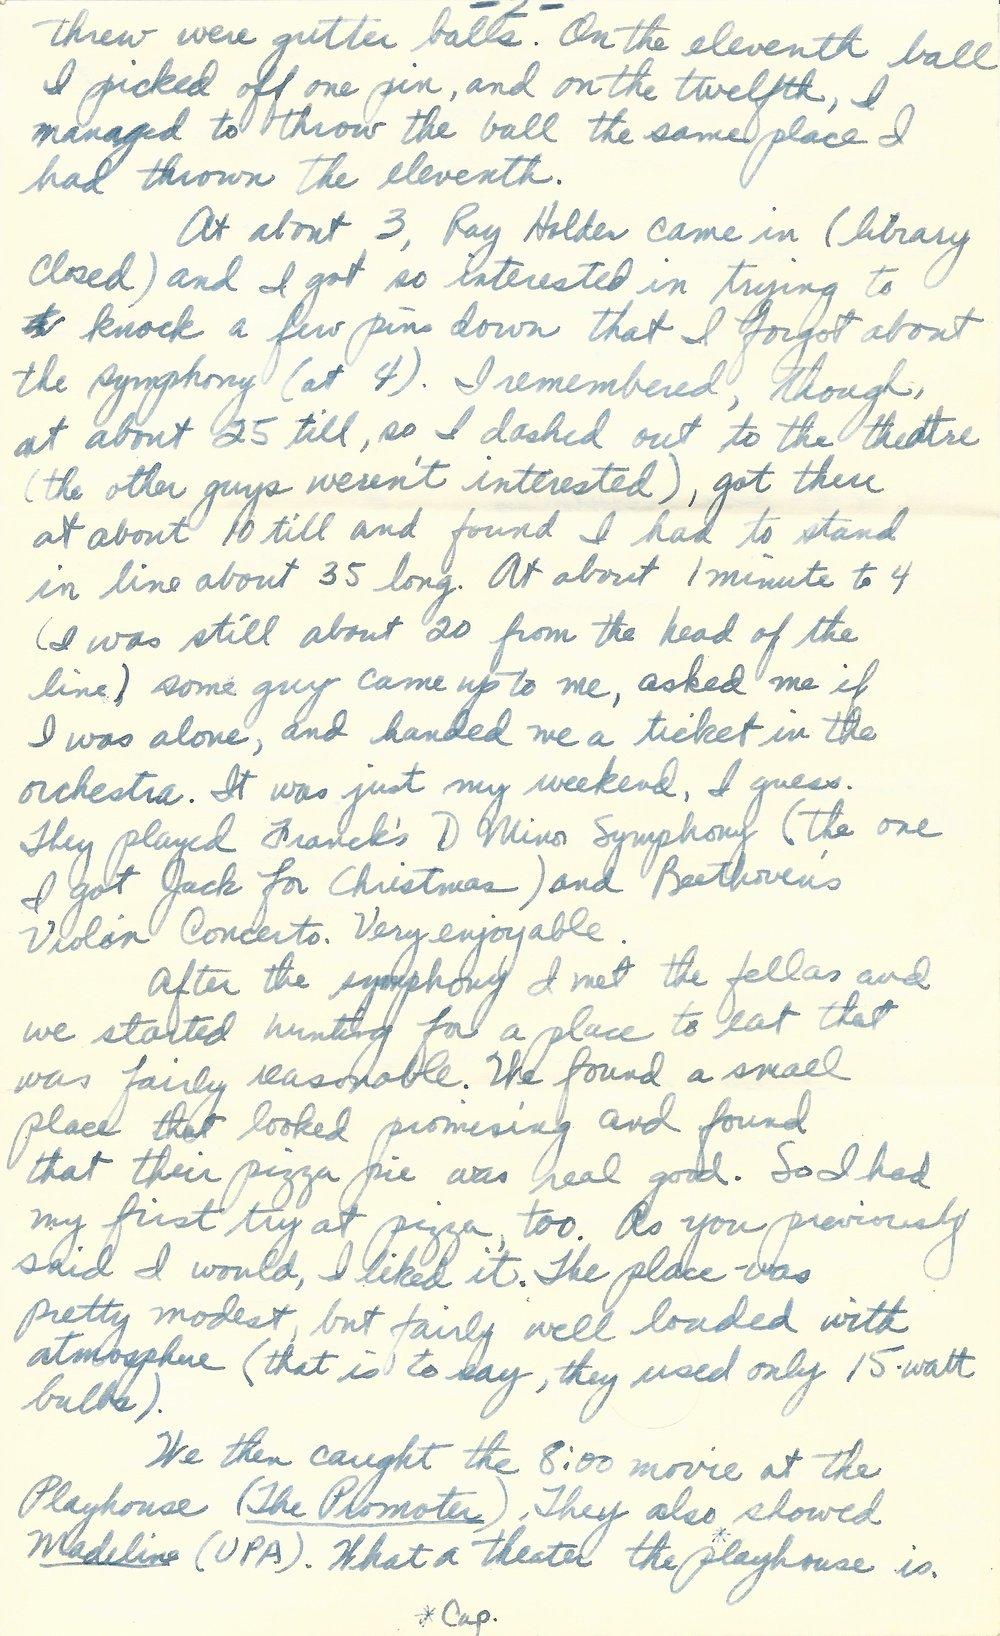 6. Jan. 12, 1953 (Opa)_Page_4.jpg